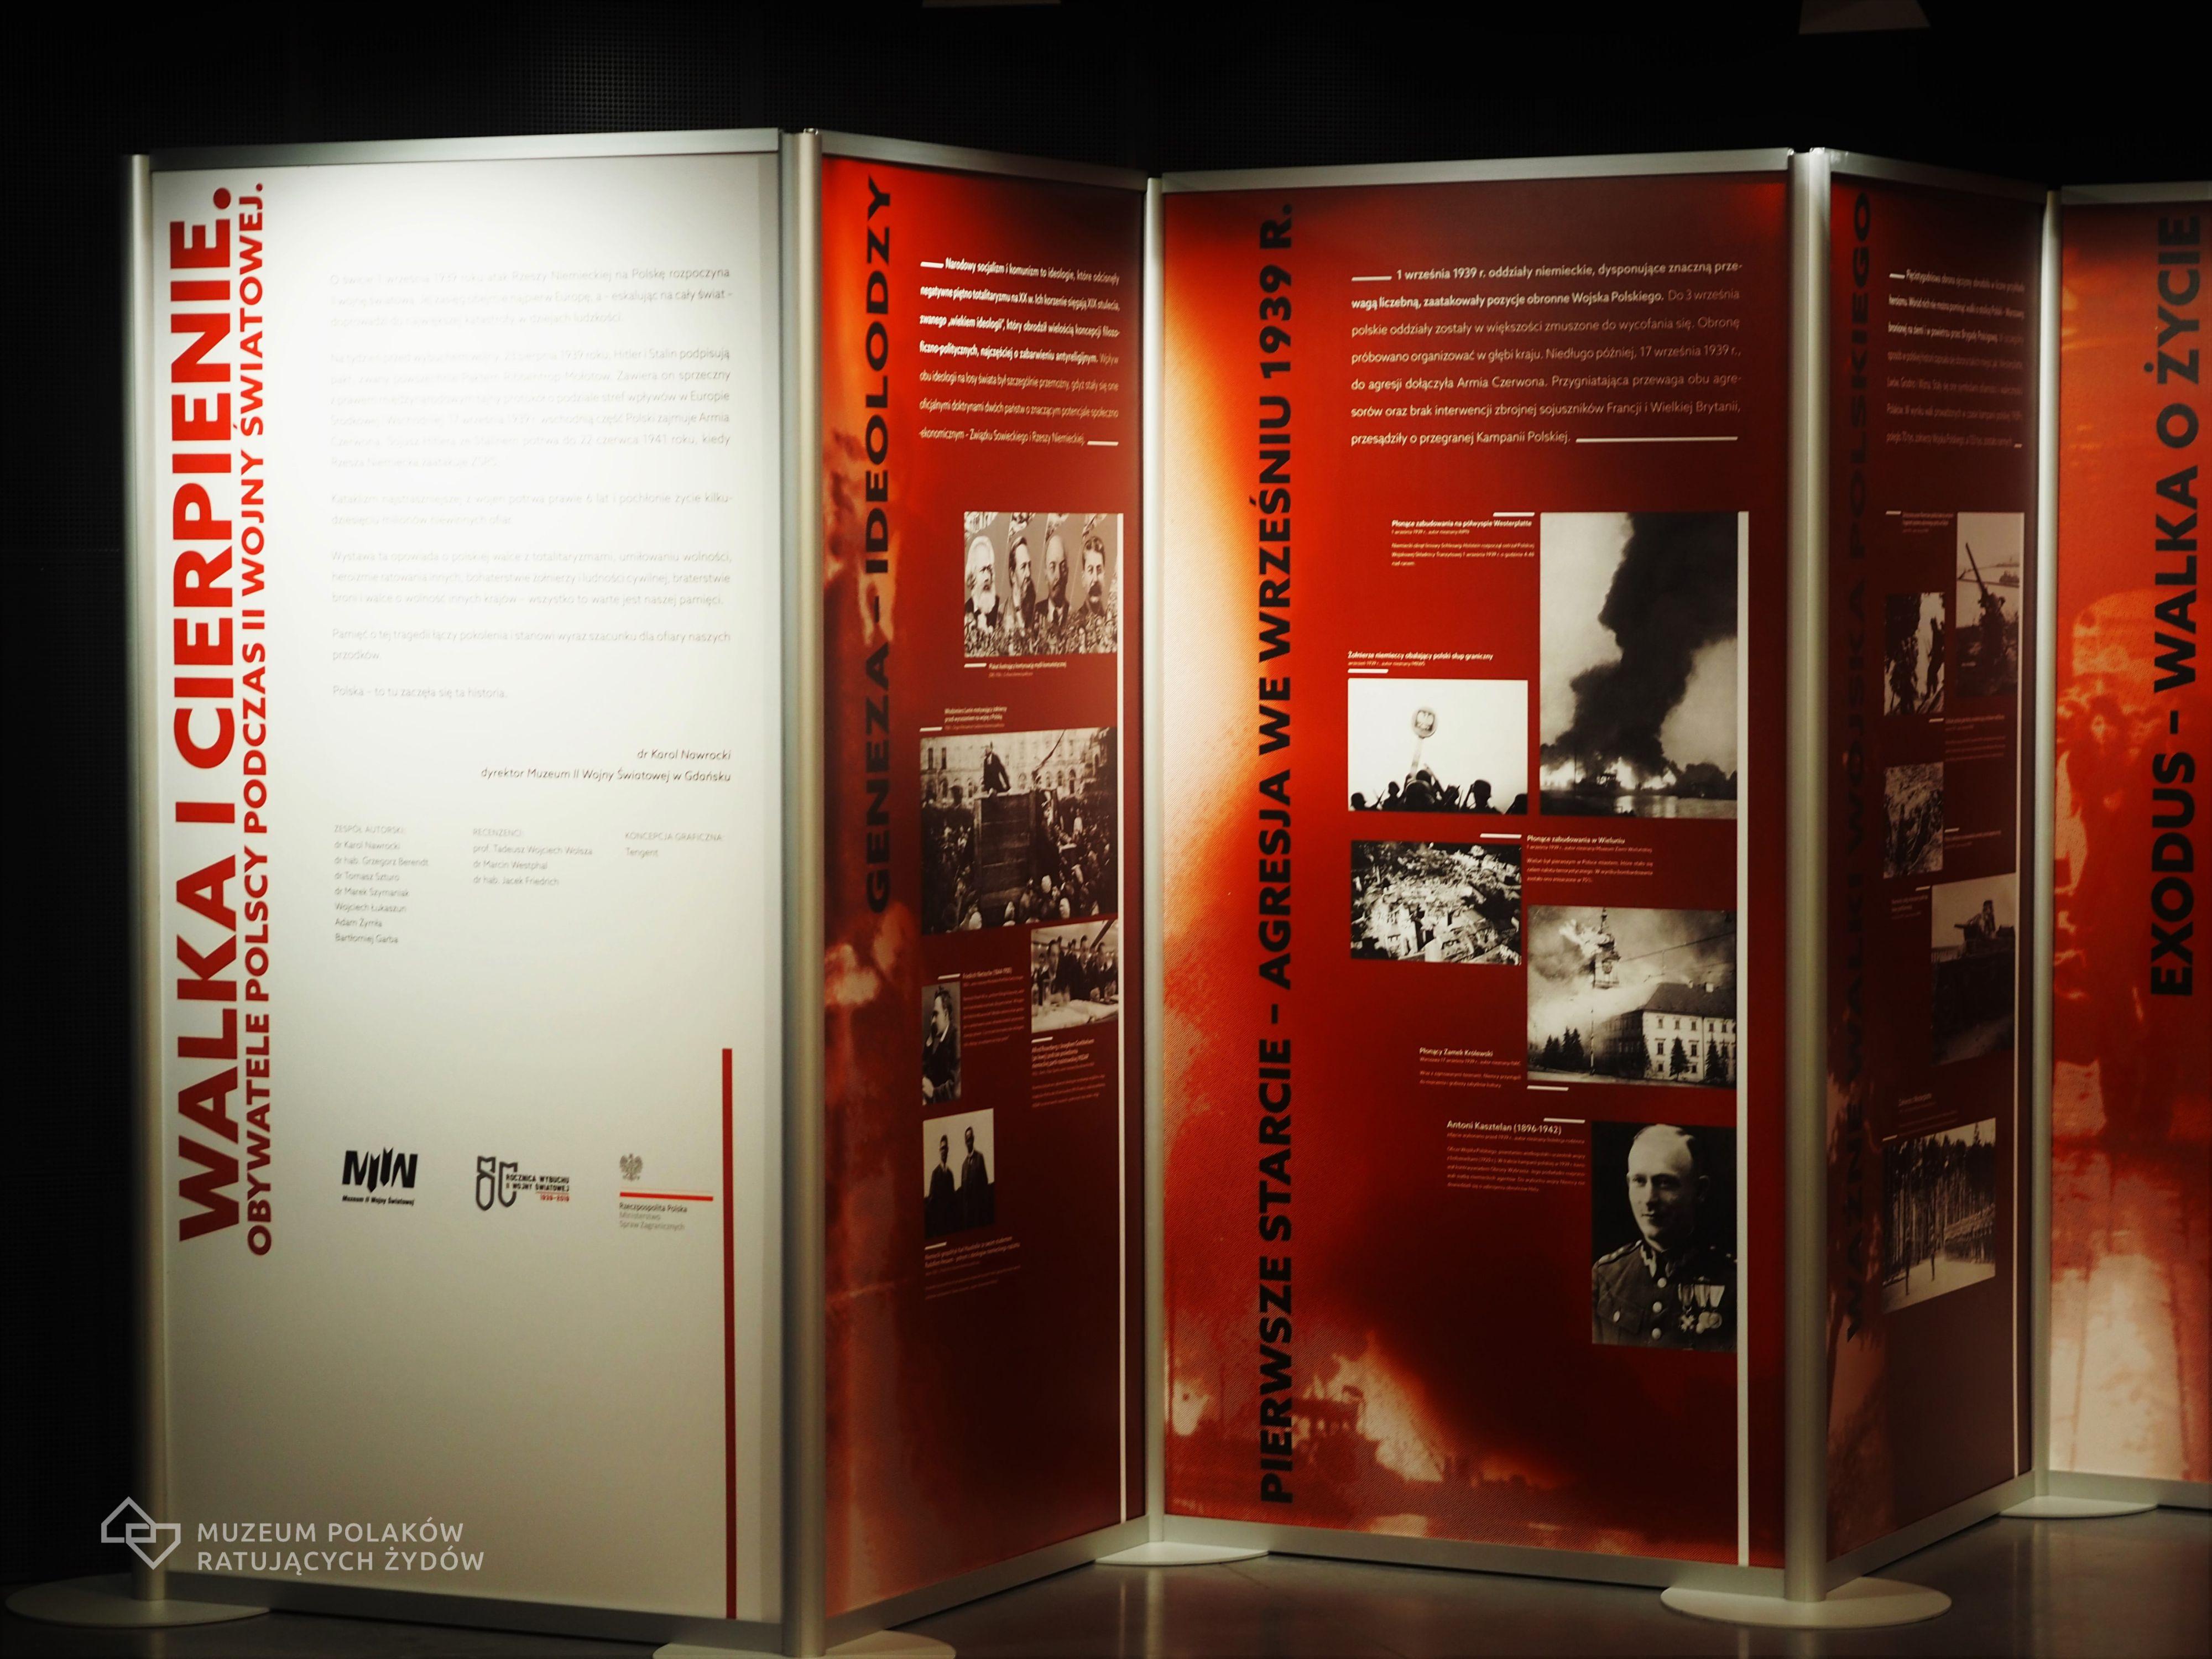 """Fragment wystawy """"Walka i cierpienie. Widoczne 3 plansze w kolorystyce biało-czerwonej."""